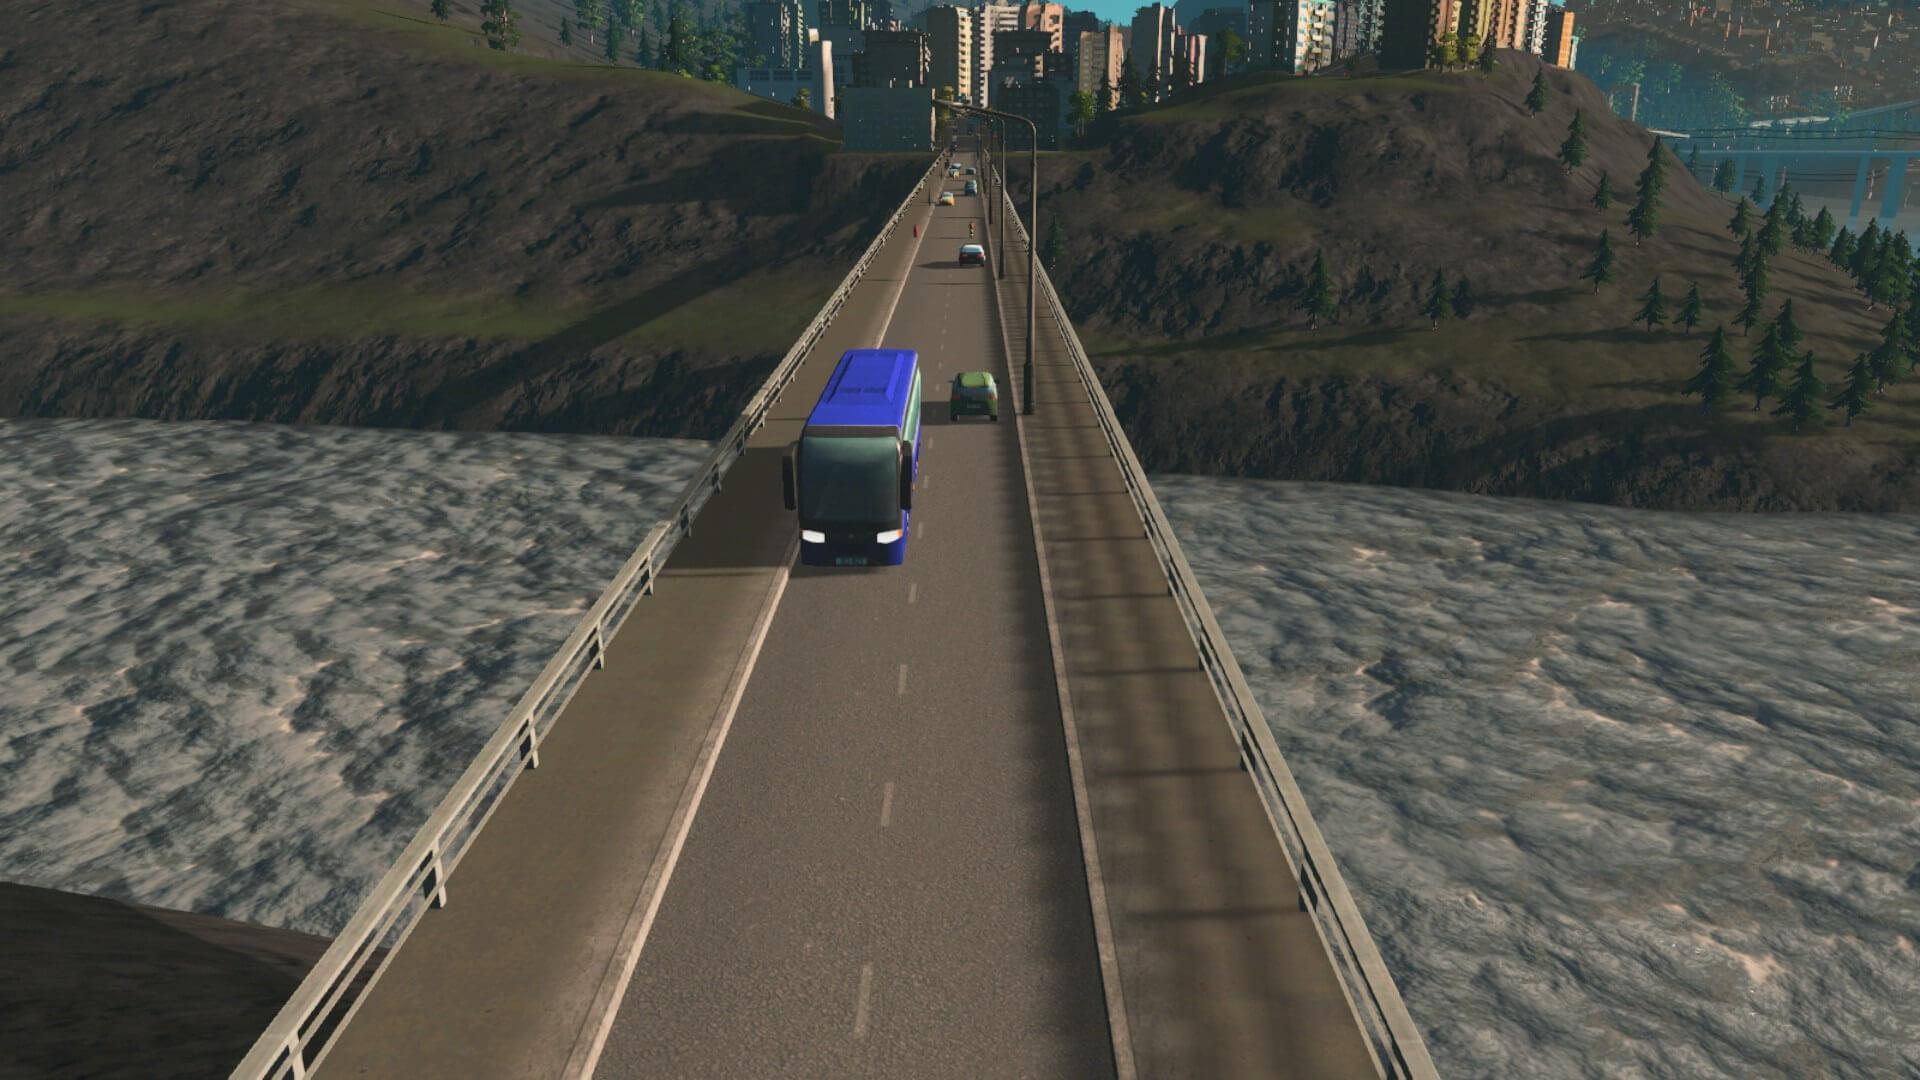 bus001-1024x576 【Cities:skylines 攻略ブログ】シナリオ アルパイン・ヴィレッジ 公共の交通機関で50万人を輸送する Cities:Skylines(シティーズ:スカイライン ) 街作りシミュレーションゲーム